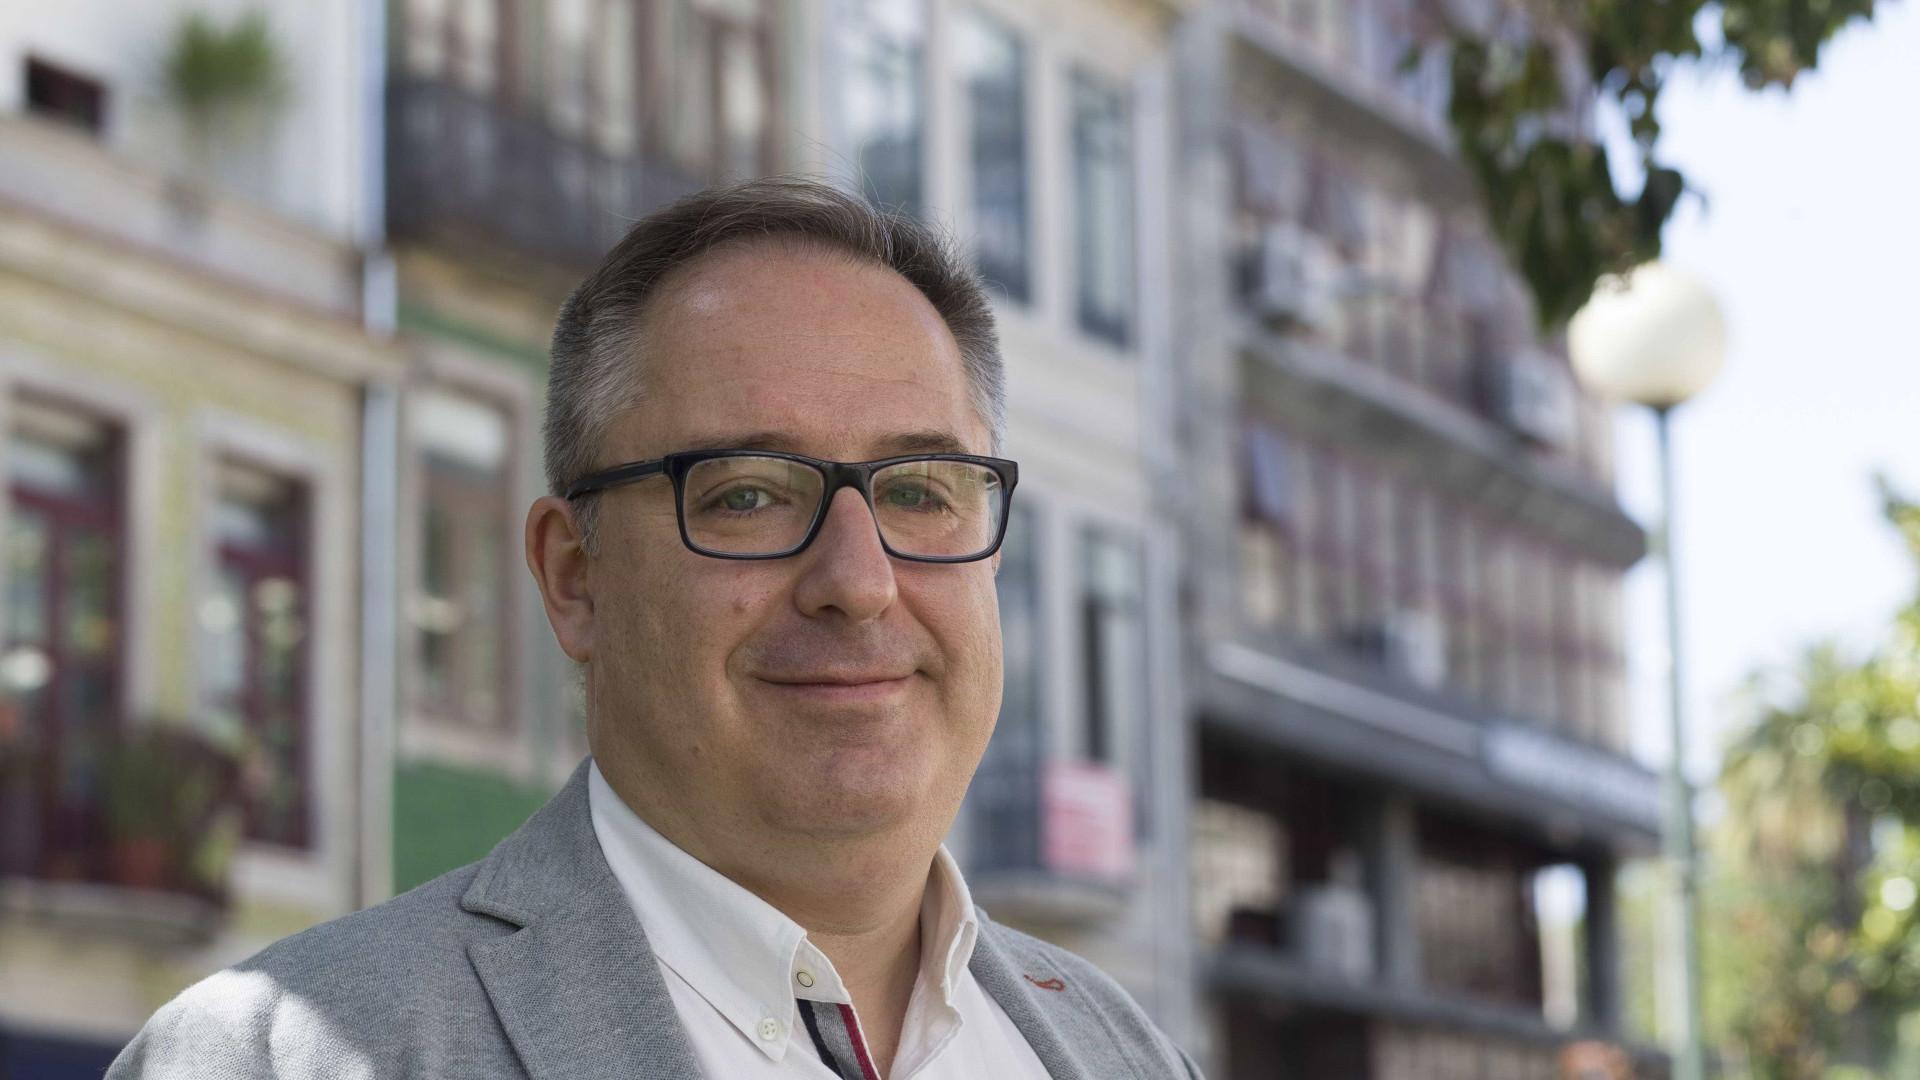 Cartazes: CNE indeferiu queixa de Rui Moreira contra Bloco de Esquerda